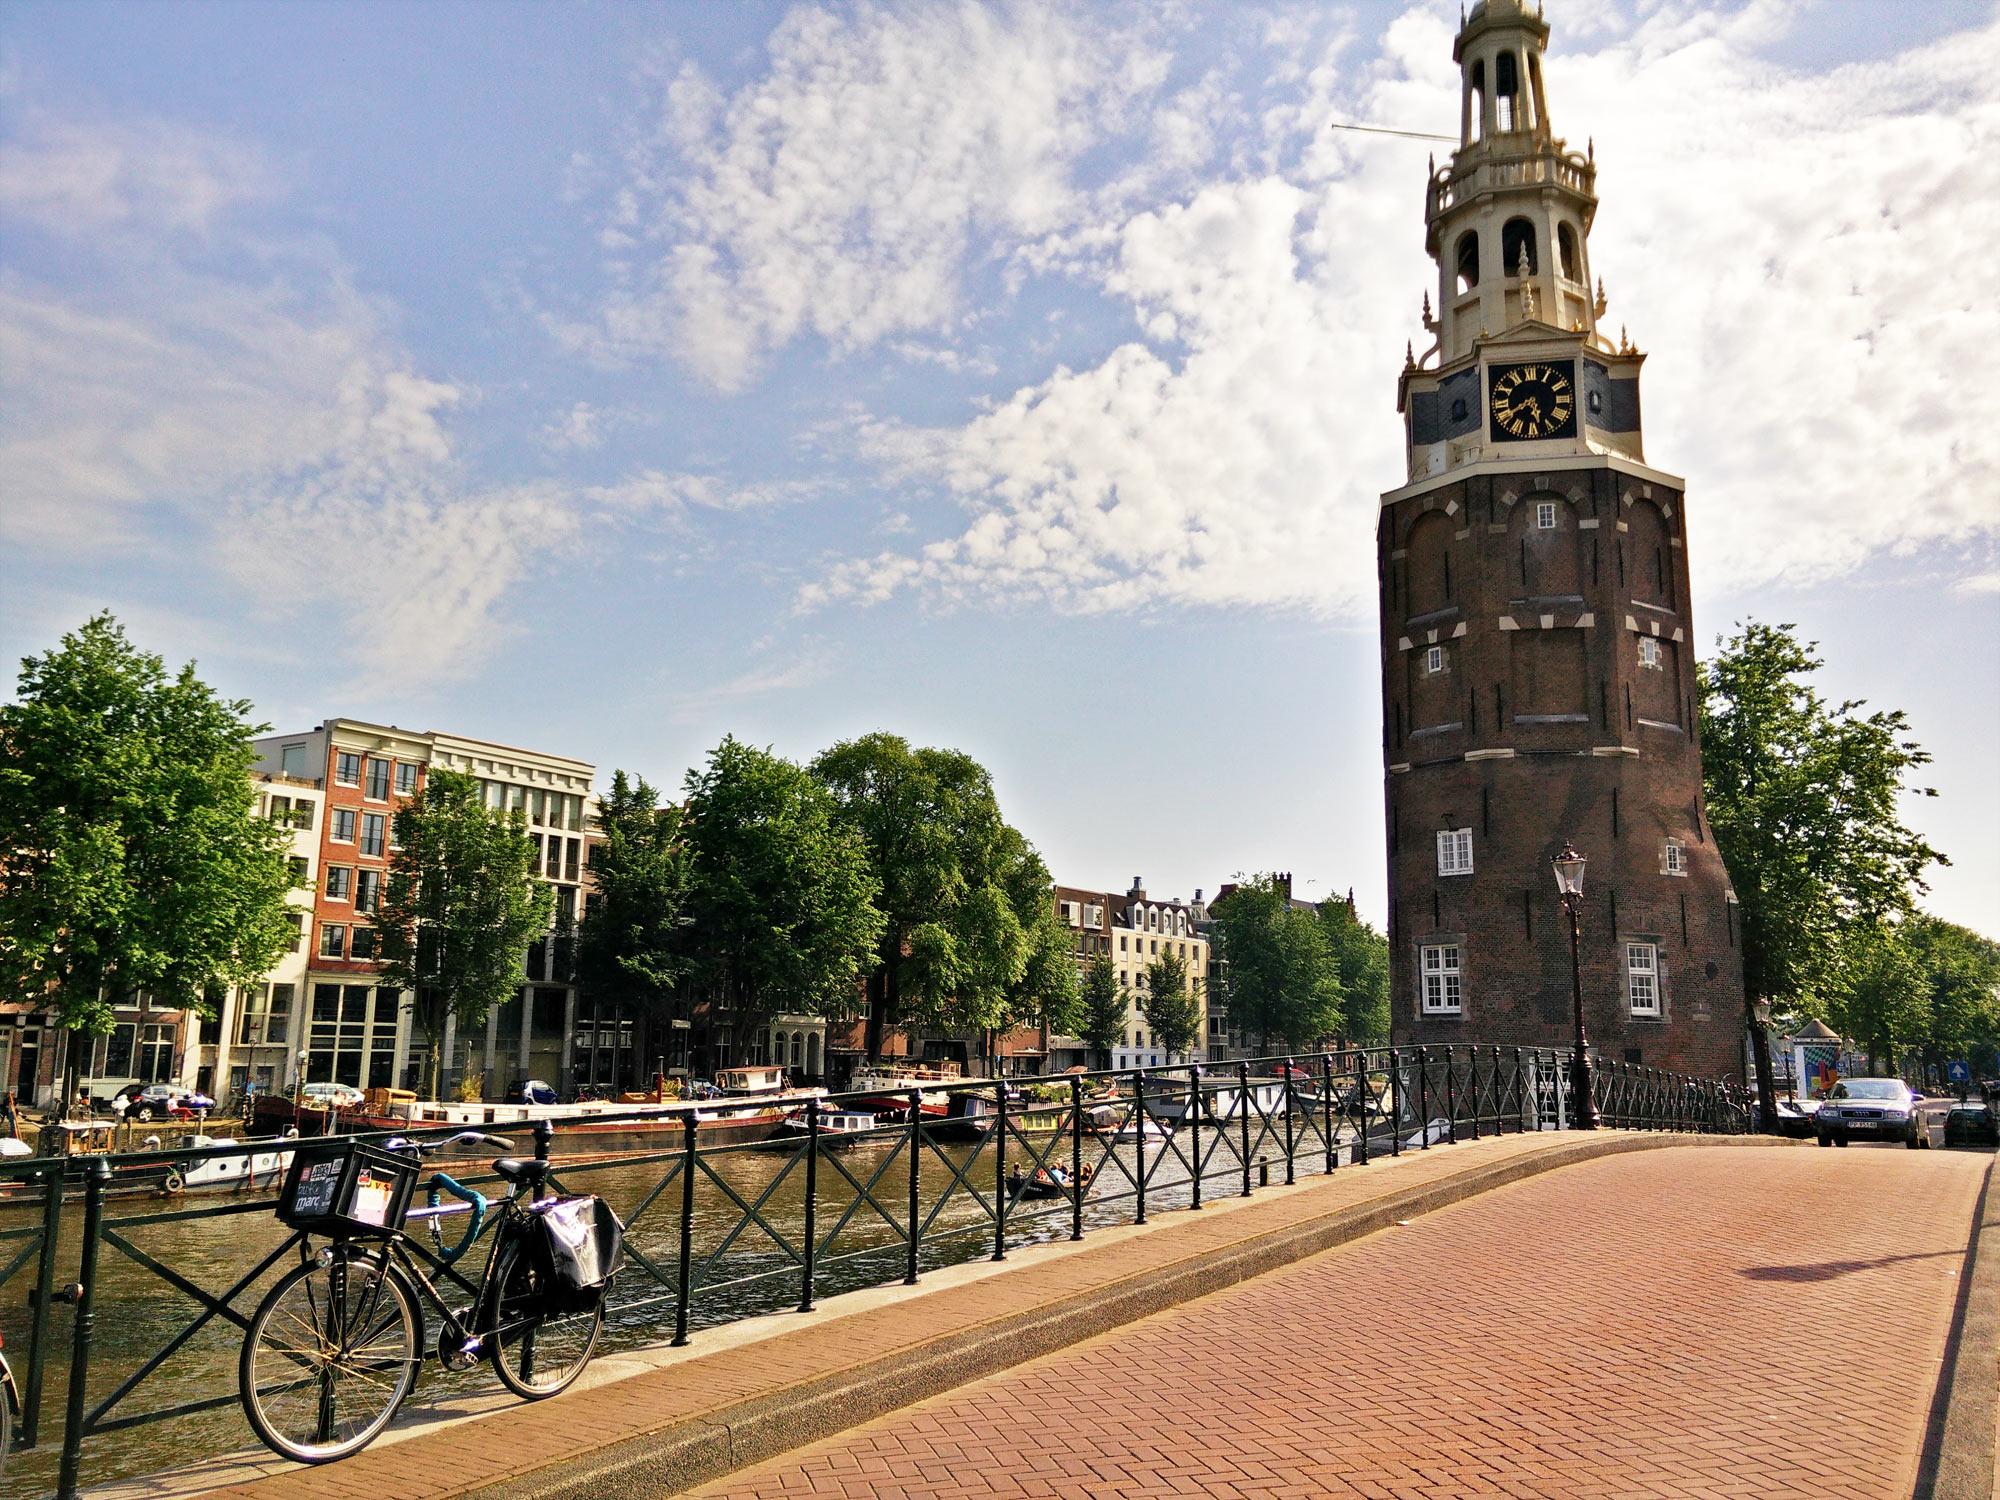 Montelbaanstoren, Gracht in Amsterdam